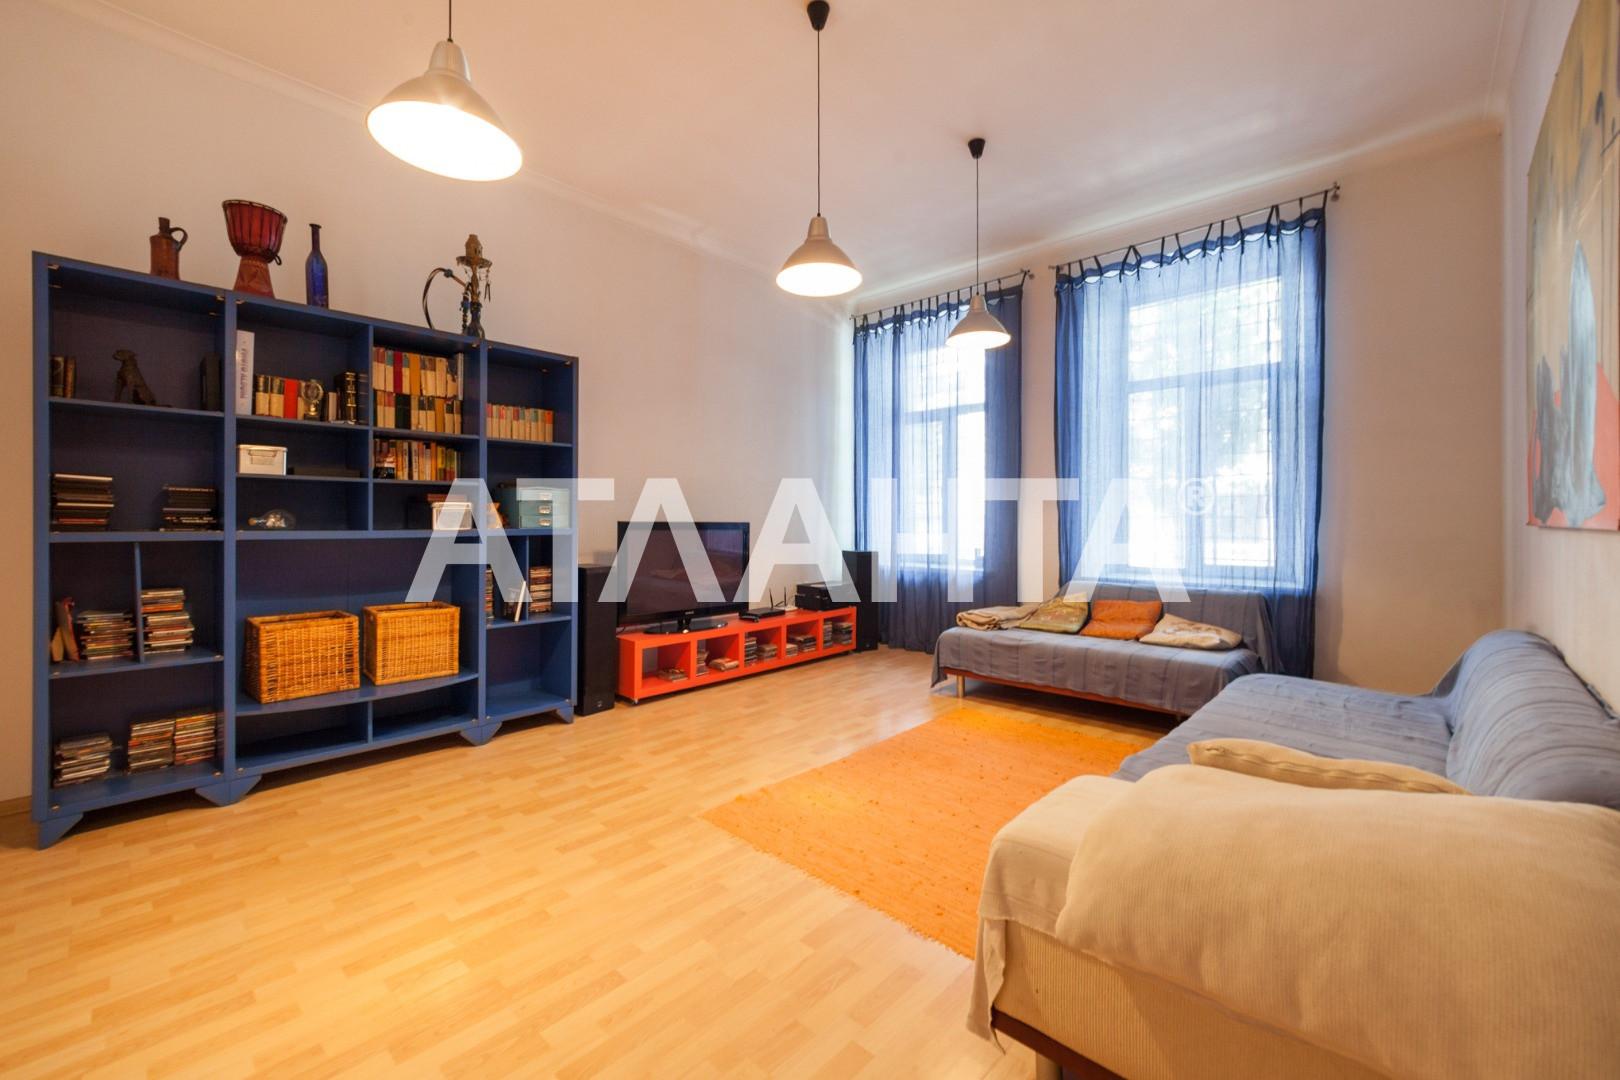 Продается 3-комнатная Квартира на ул. Военный Сп. (Жанны Лябурб Сп.) — 95 000 у.е.